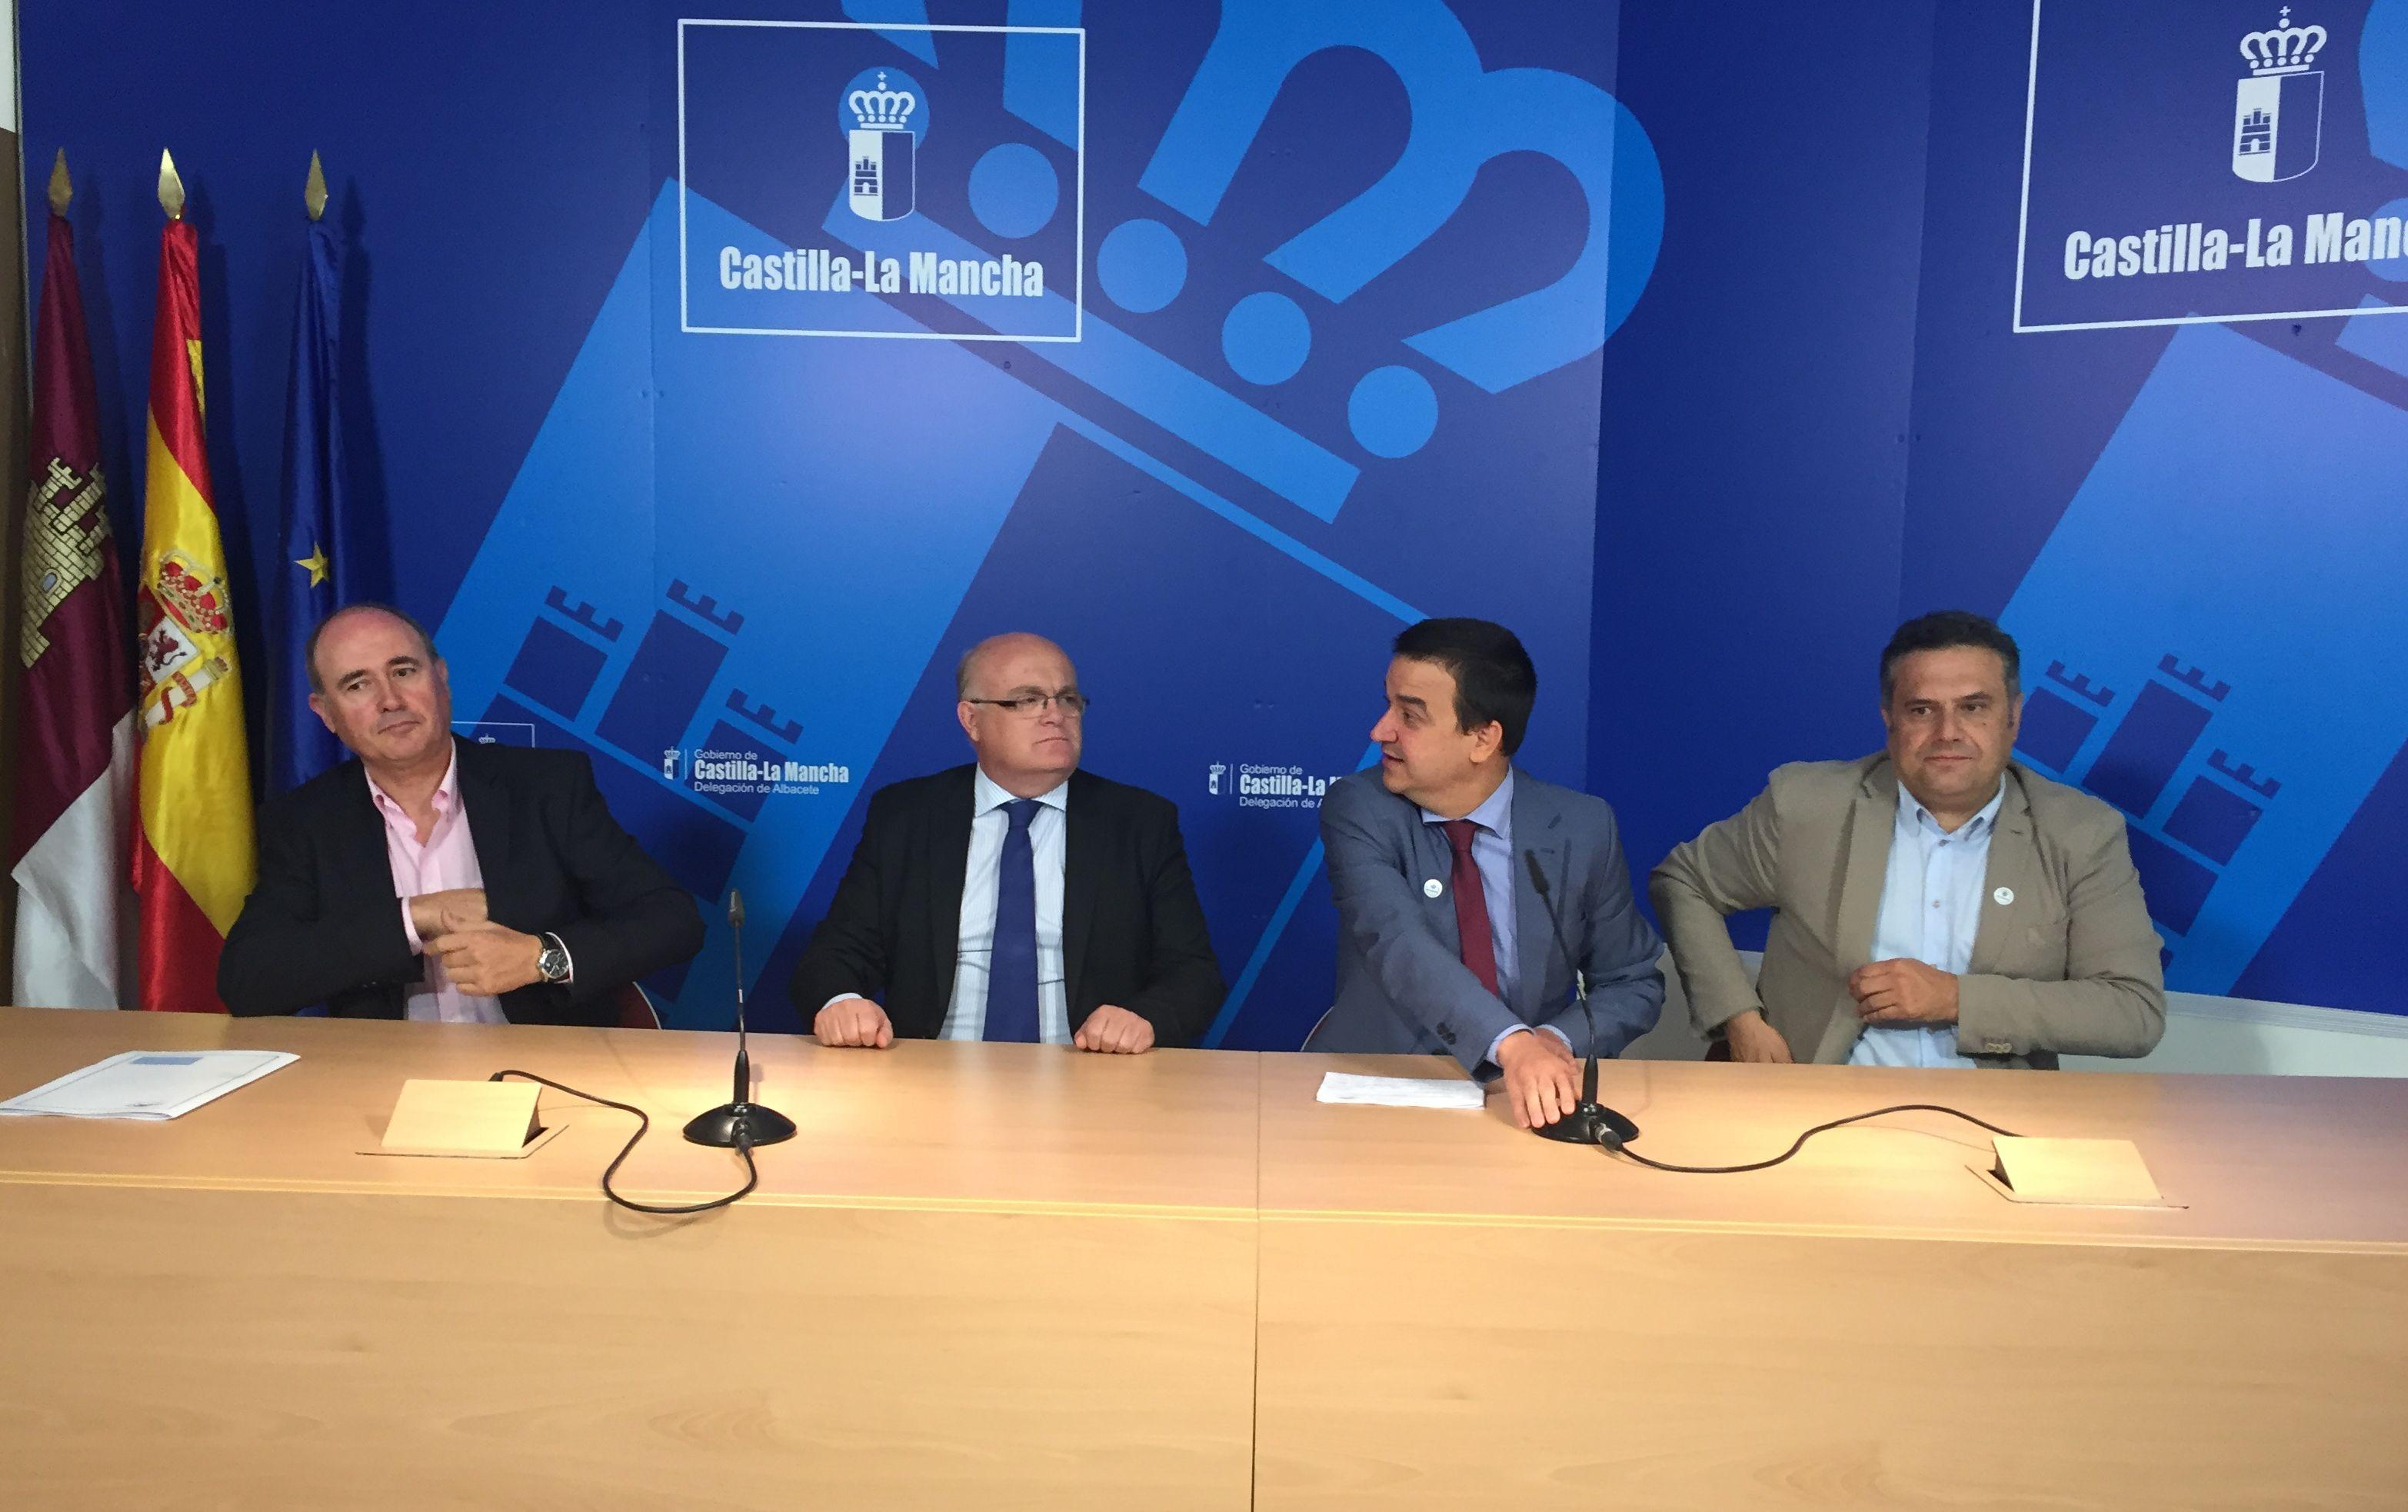 El gobierno regional se reunir con la ministra de for Canal castilla la mancha